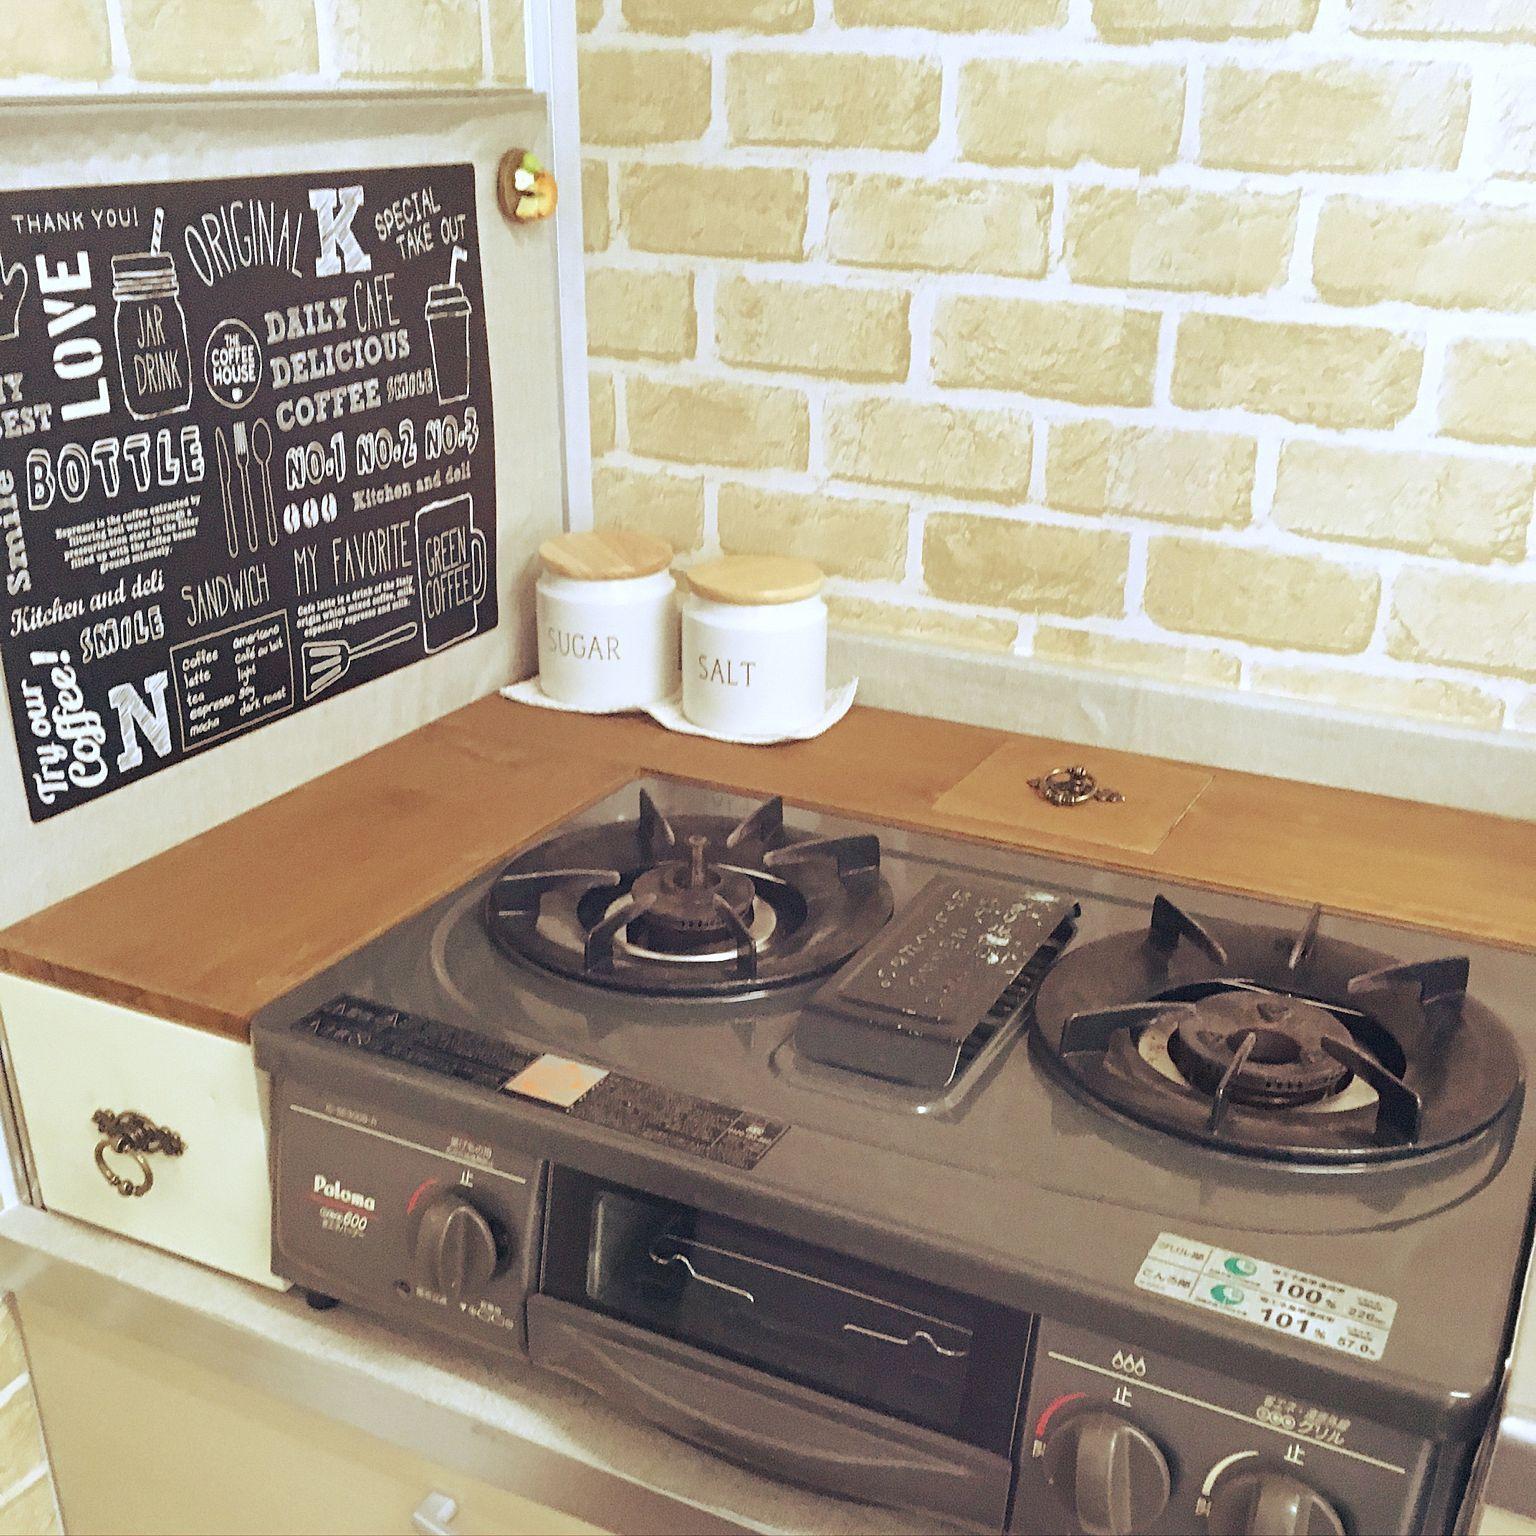 キッチン 隙間収納diy コンロの隙間 キャニスター スタジオクリップ